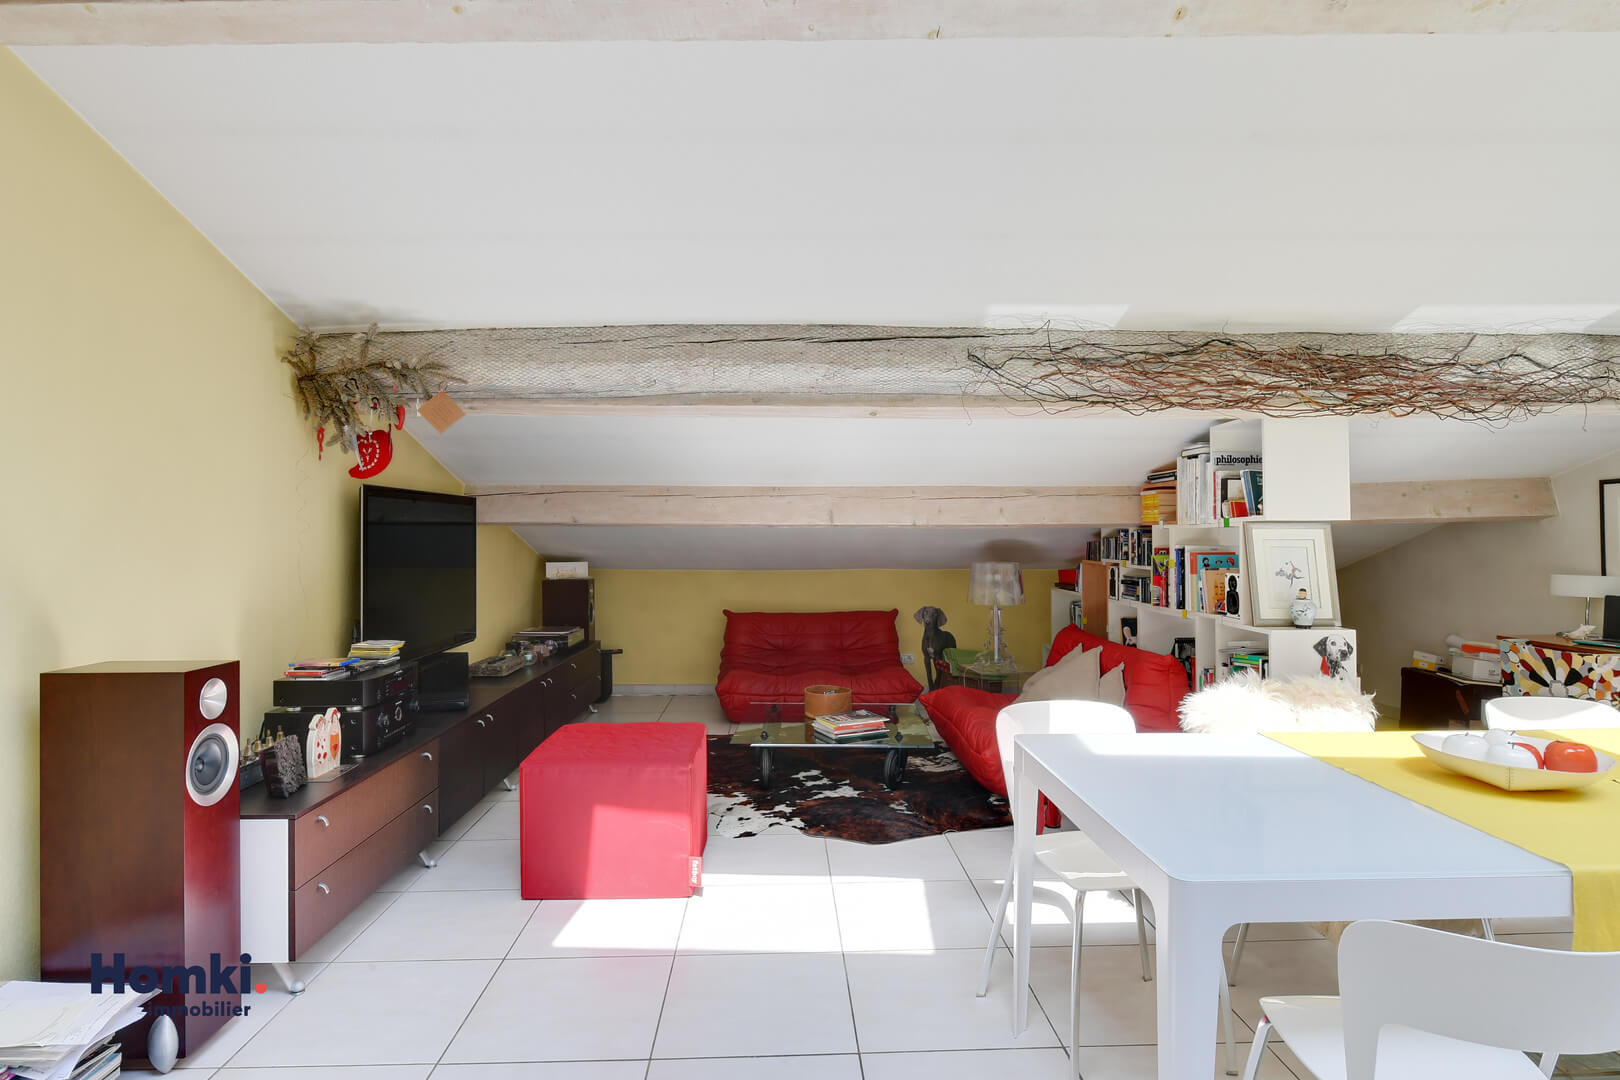 Vente appartement duplex Antibes 06600 T4 90m²_3